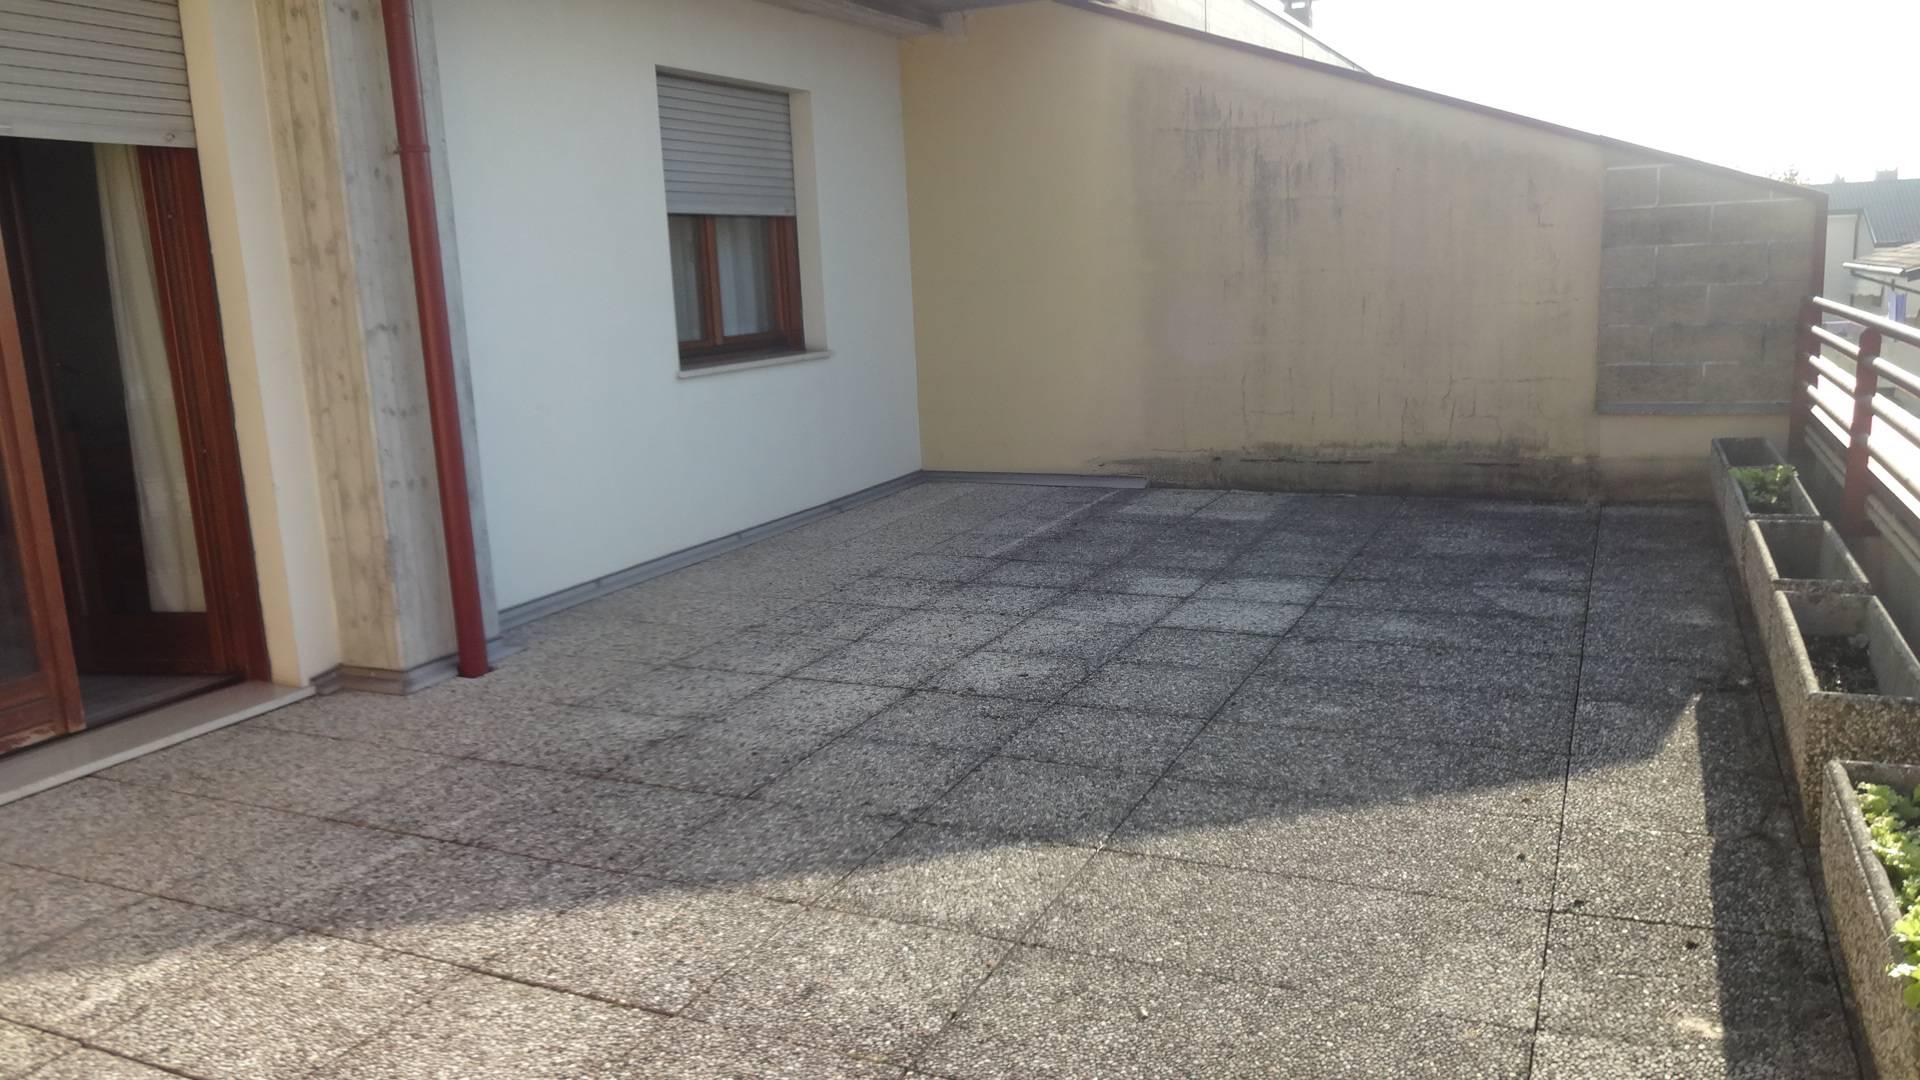 Appartamento in affitto a Montebelluna, 2 locali, zona Località: LaPieve, prezzo € 390 | Cambio Casa.it